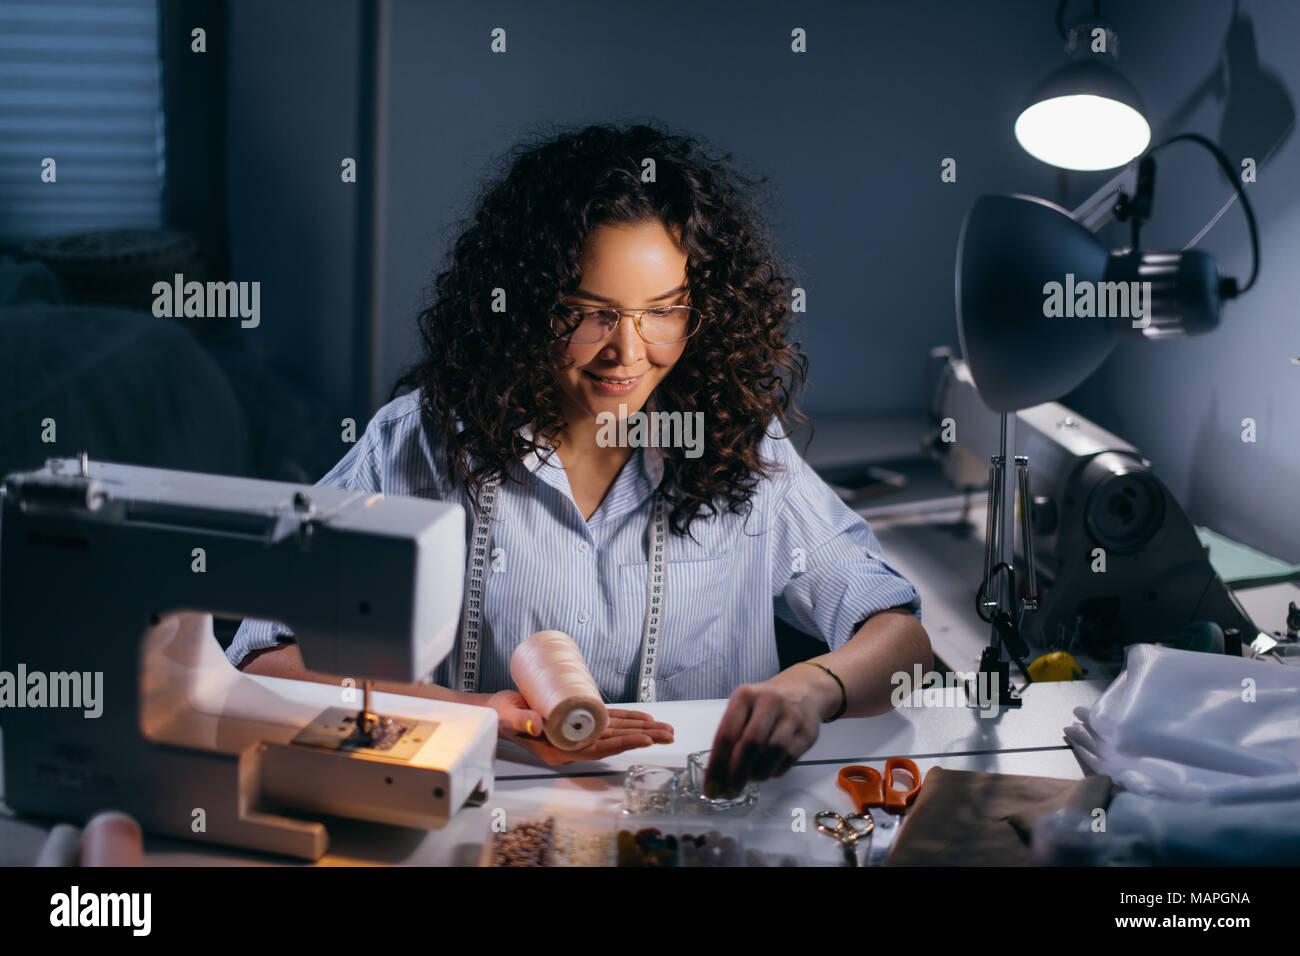 Schneiderin ist threading Perlen vor nähen Maschine in schwarz Zimmer Stockbild